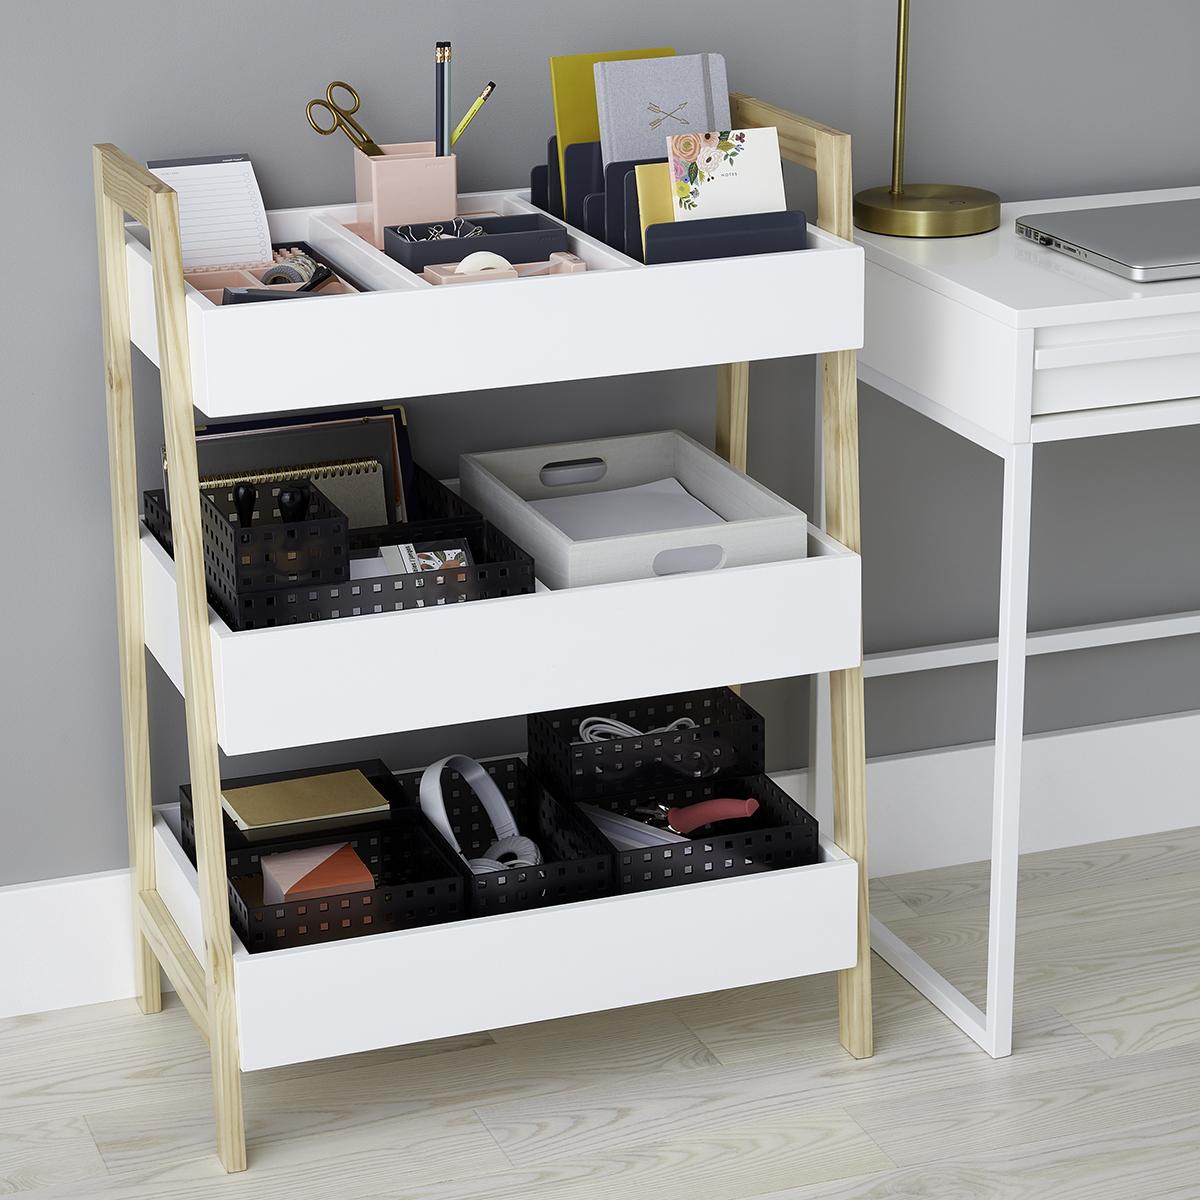 Picture of: White Multi Purpose 3 Tier Shelf The Container Store